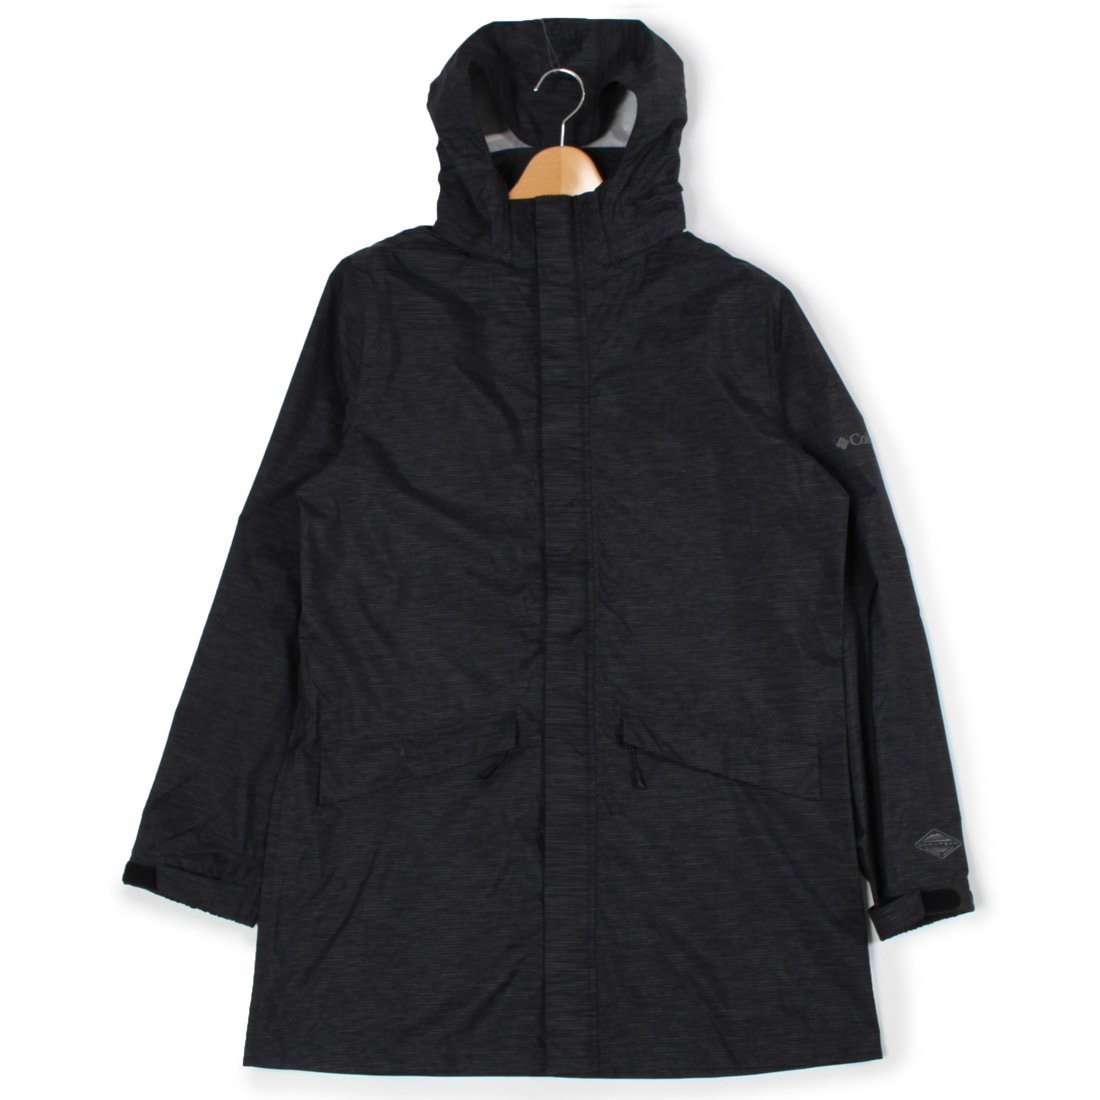 (コロンビア)COLUMBIA レインコート ウィンズレイクランドジャケット PM5986 メンズ B01FJ31IO4 M|01.ブラック 01.ブラック M